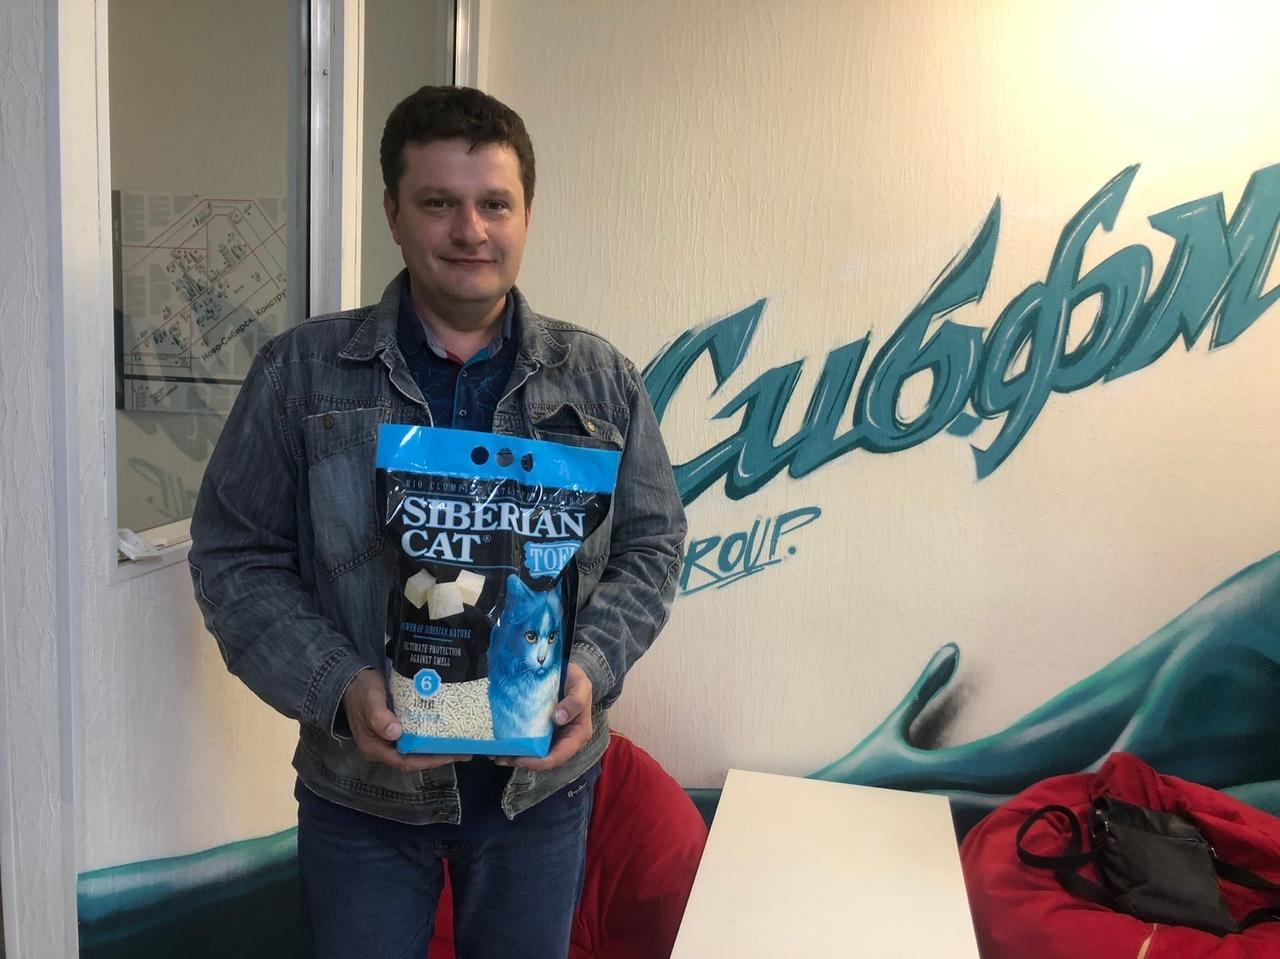 фото «Ласковый и нежный котя» из приюта: специальный приз достался участнику конкурса «Главный котик Новосибирска-2021» 3